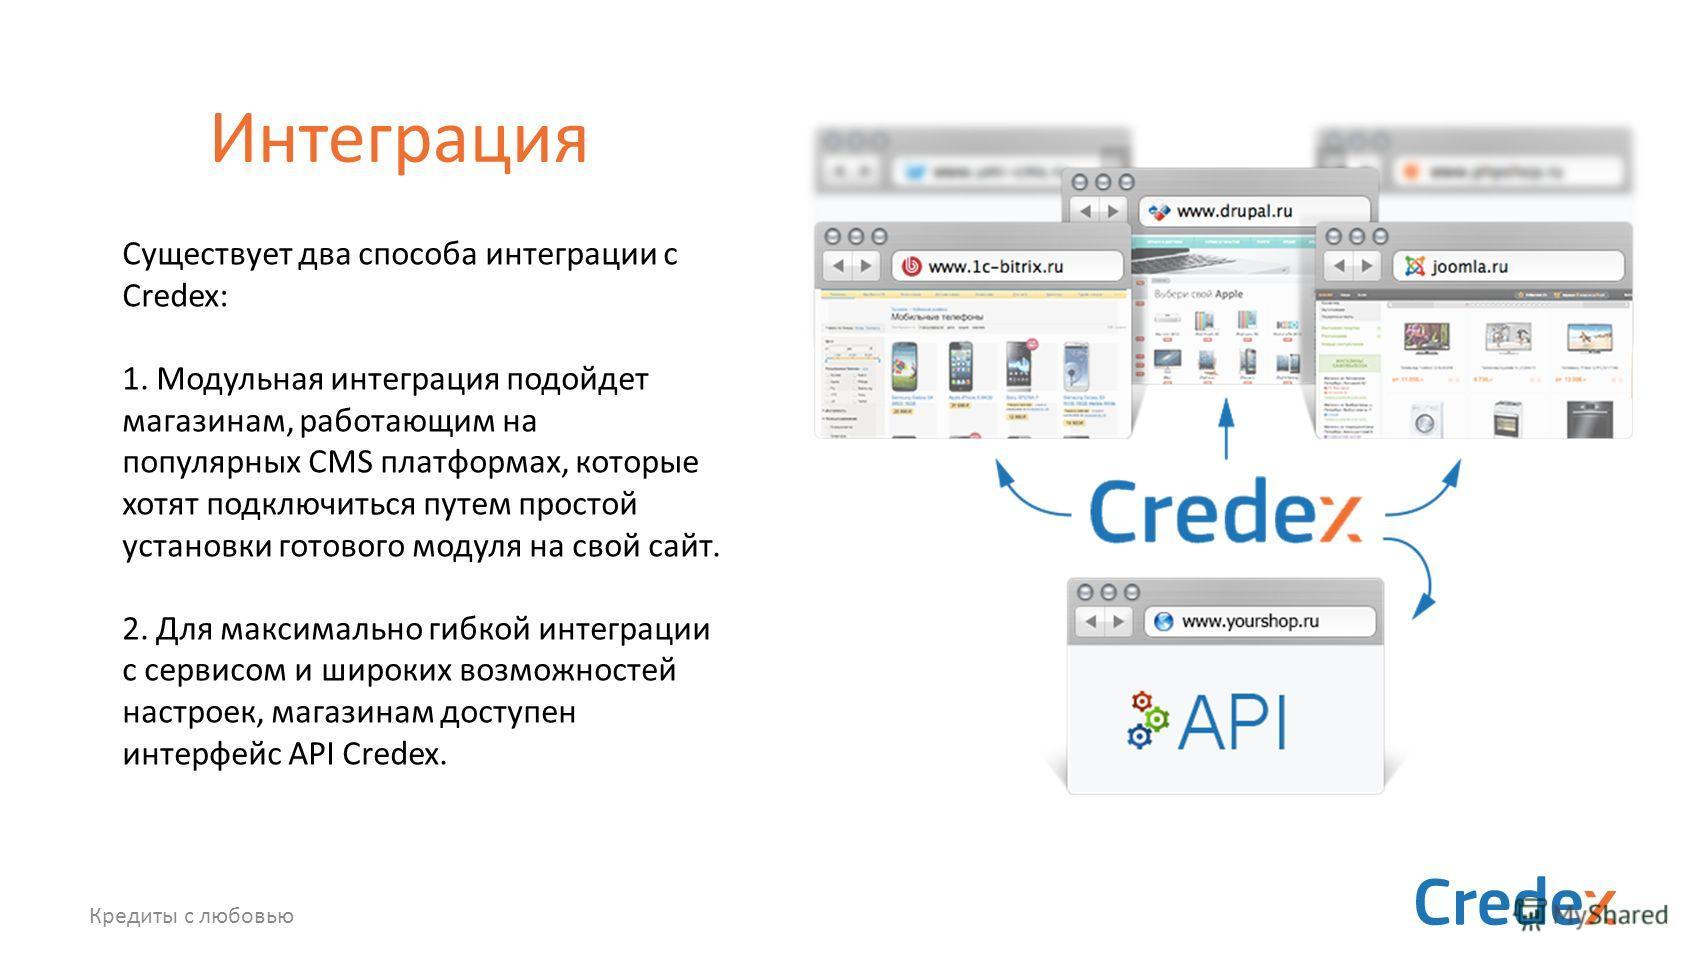 Кредиты с любовью Интеграция Существует два способа интеграции с Credex: 1. Модульная интеграция подойдет магазинам, работающим на популярных CMS платформах, которые хотят подключиться путем простой установки готового модуля на свой сайт. 2. Для макс